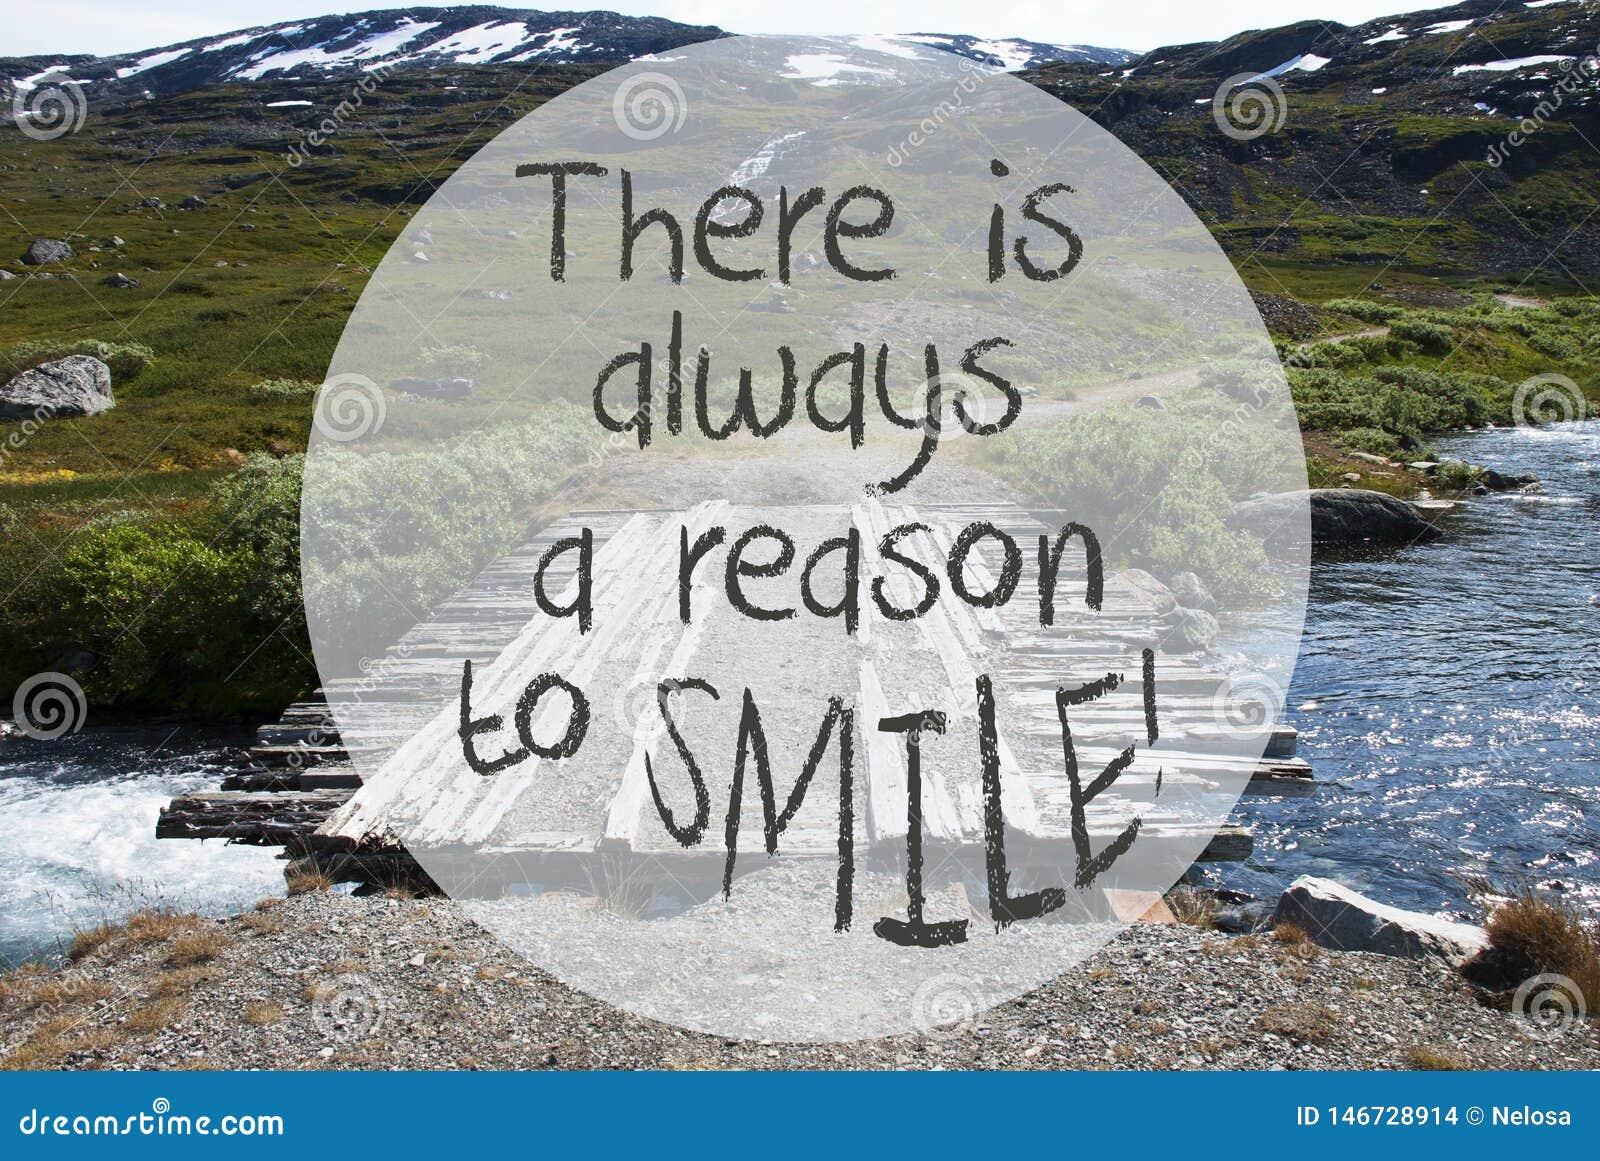 Γέφυρα στα βουνά της Νορβηγίας, απόσπασμα υπάρχει πάντα ένας λόγος να χαμογελάσει